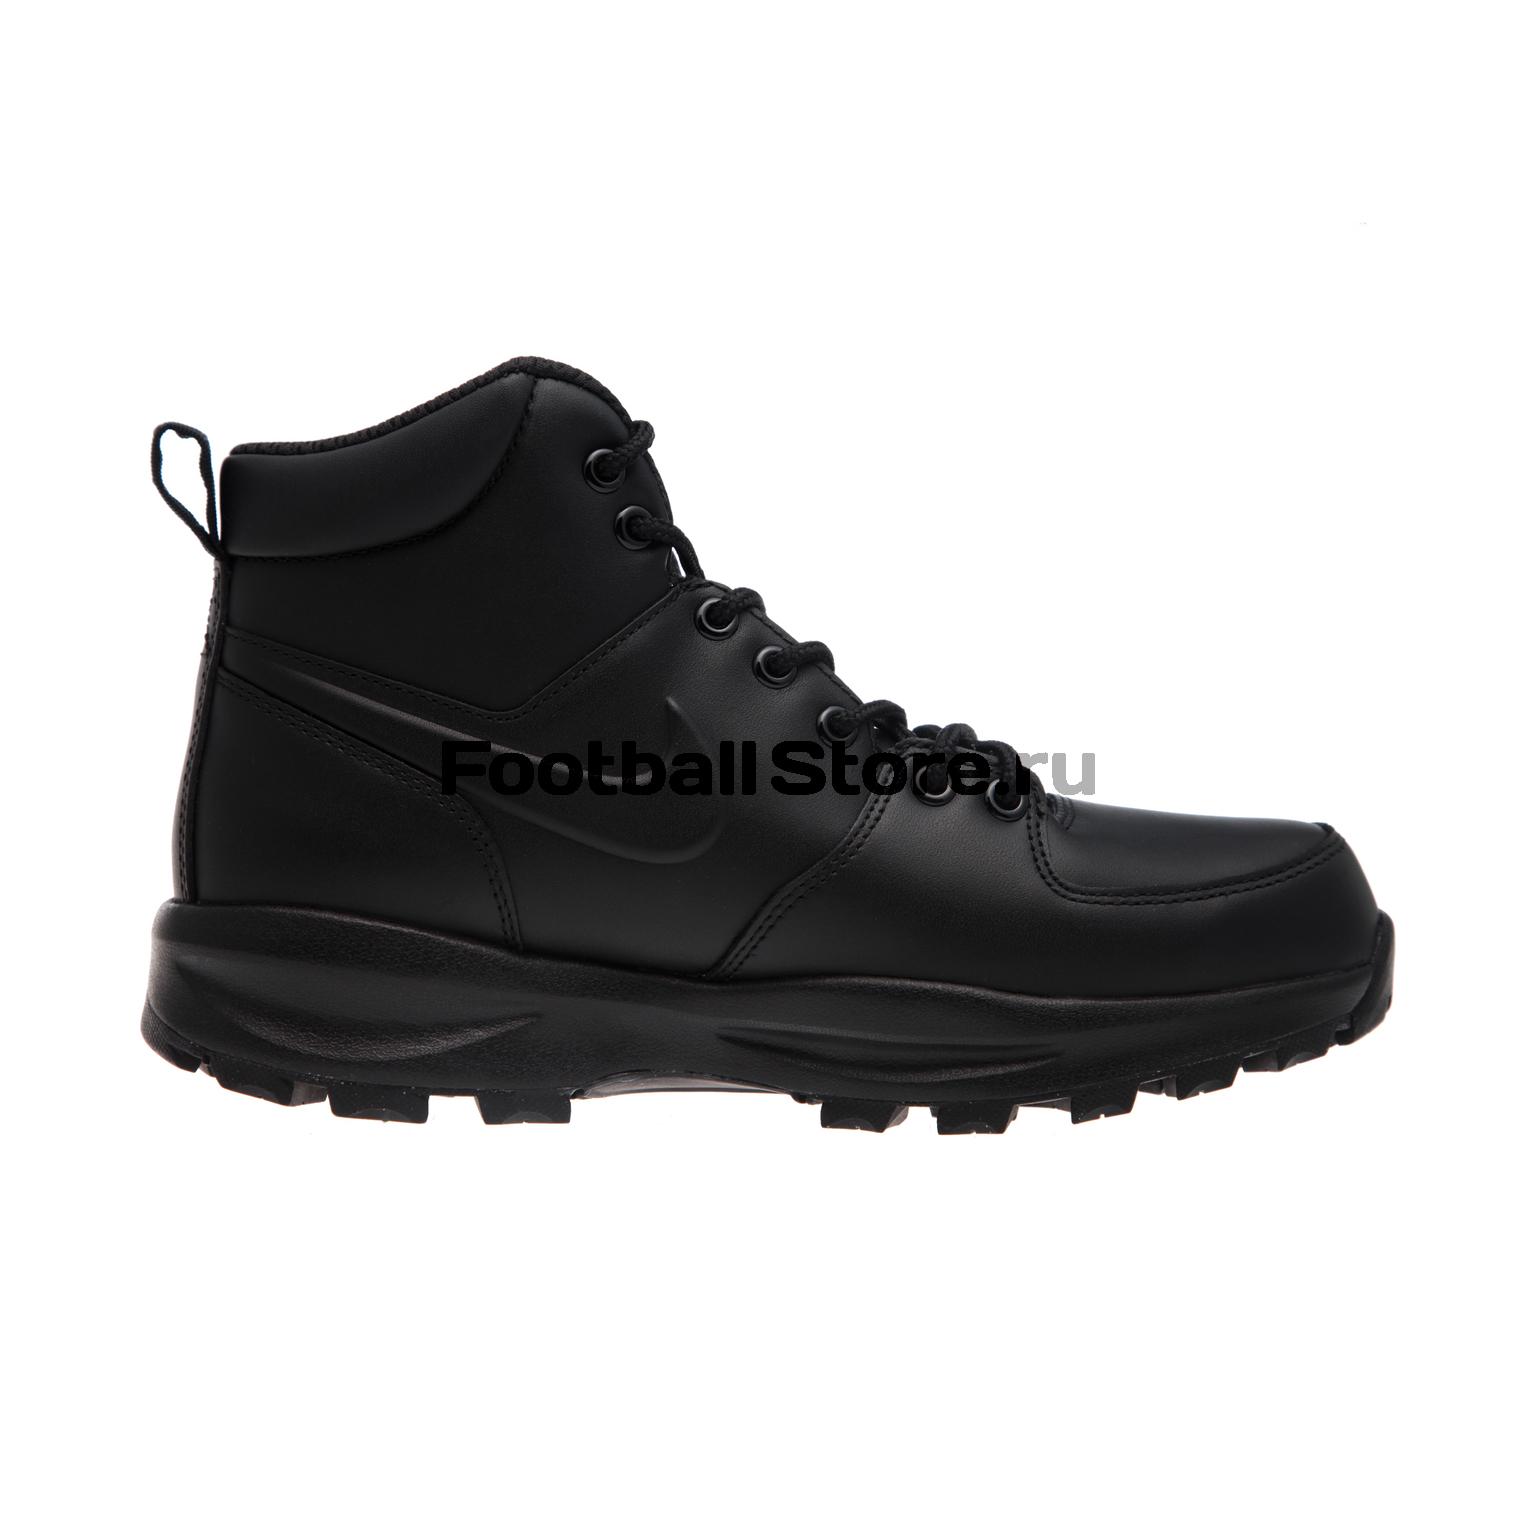 0b8672d42ab8 Кроссовки Nike Manoa Leather 454350-003 – купить в интернет магазине ...